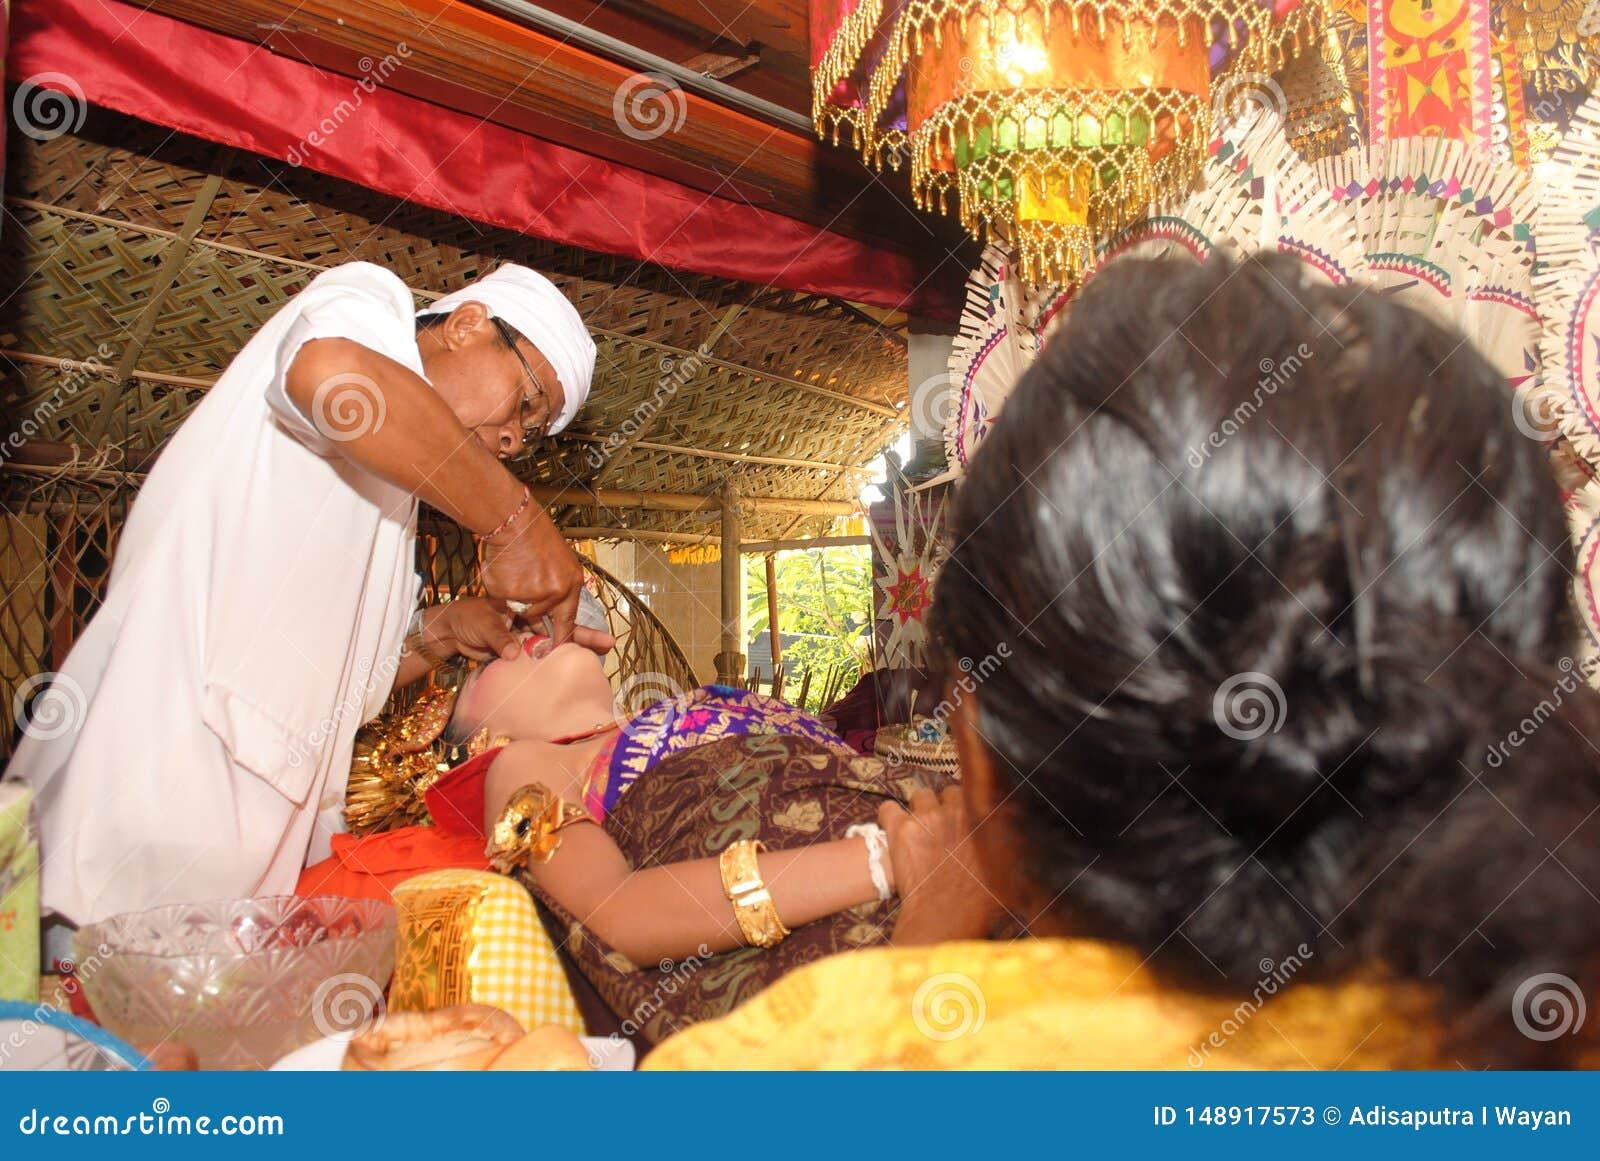 Uma menina do Balinese durante a cerimônia de Metatah